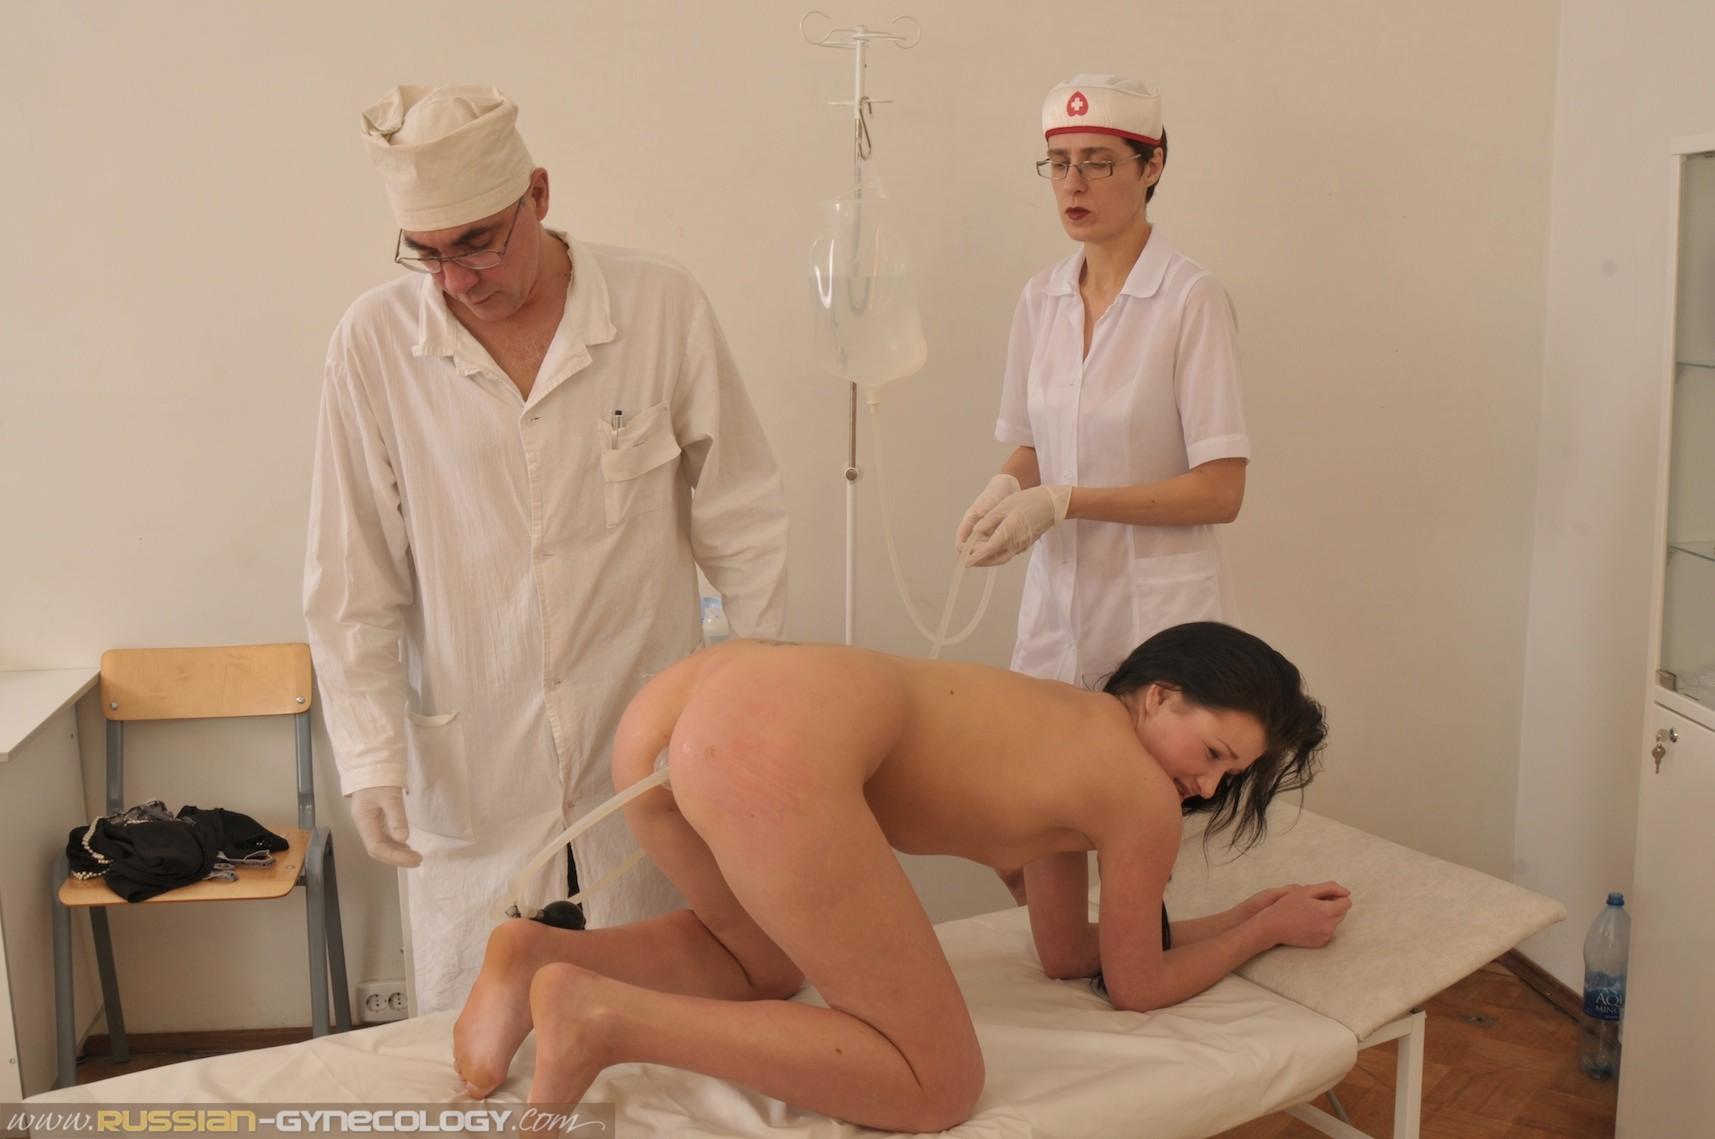 У доктора гинеколога подсмотренное, частное видео российских лесбиянок